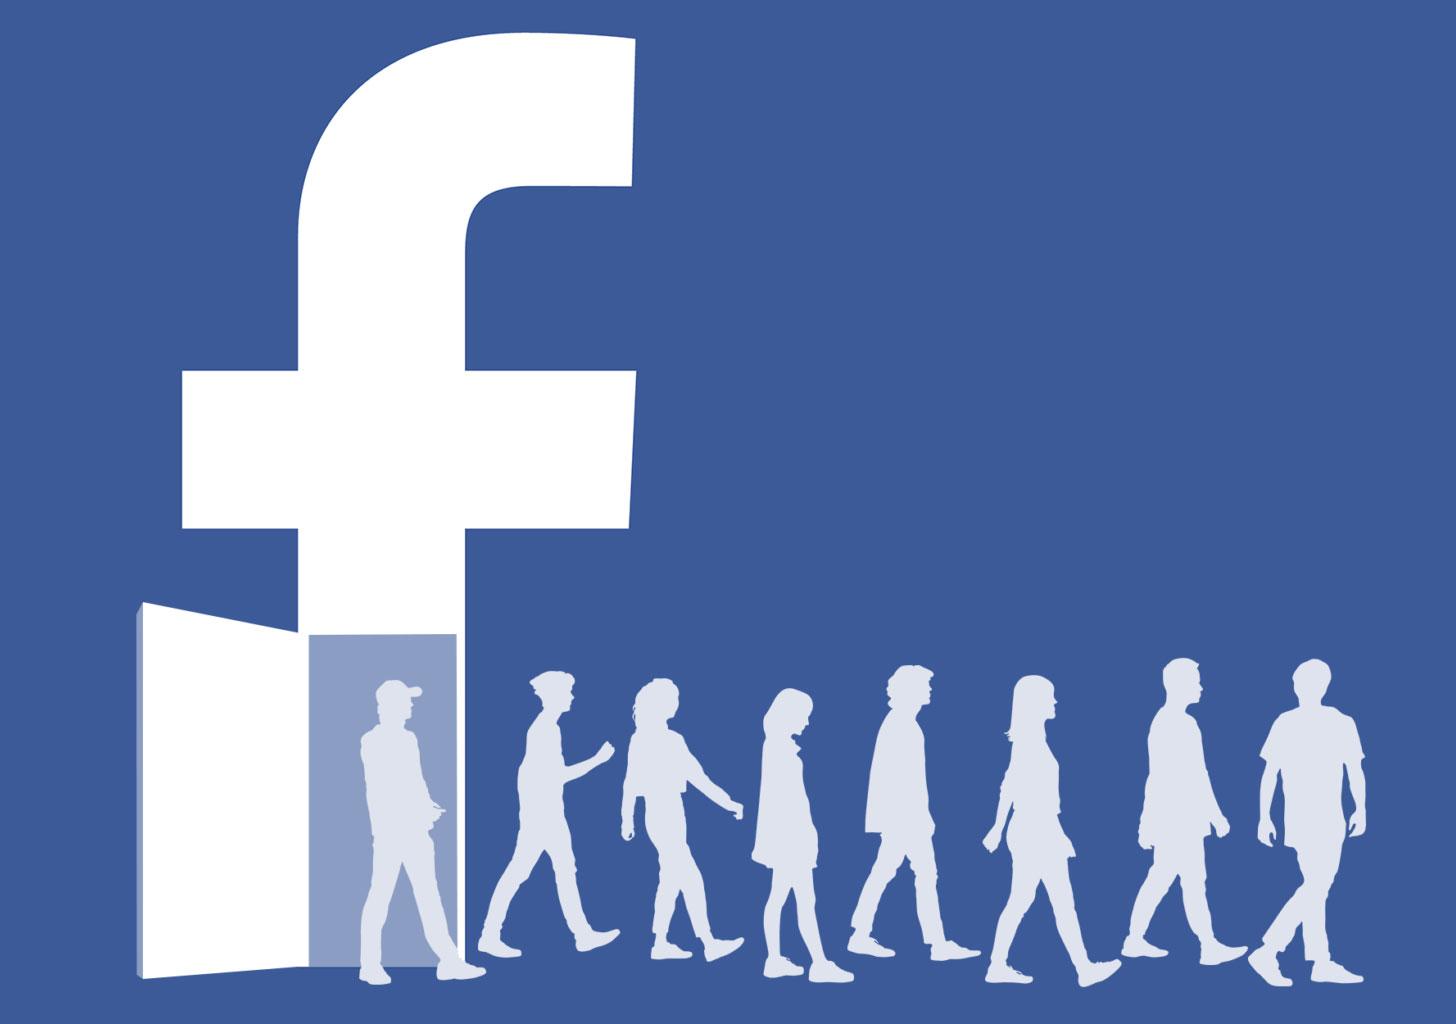 Alternativas ao Facebook: 15 melhores opções